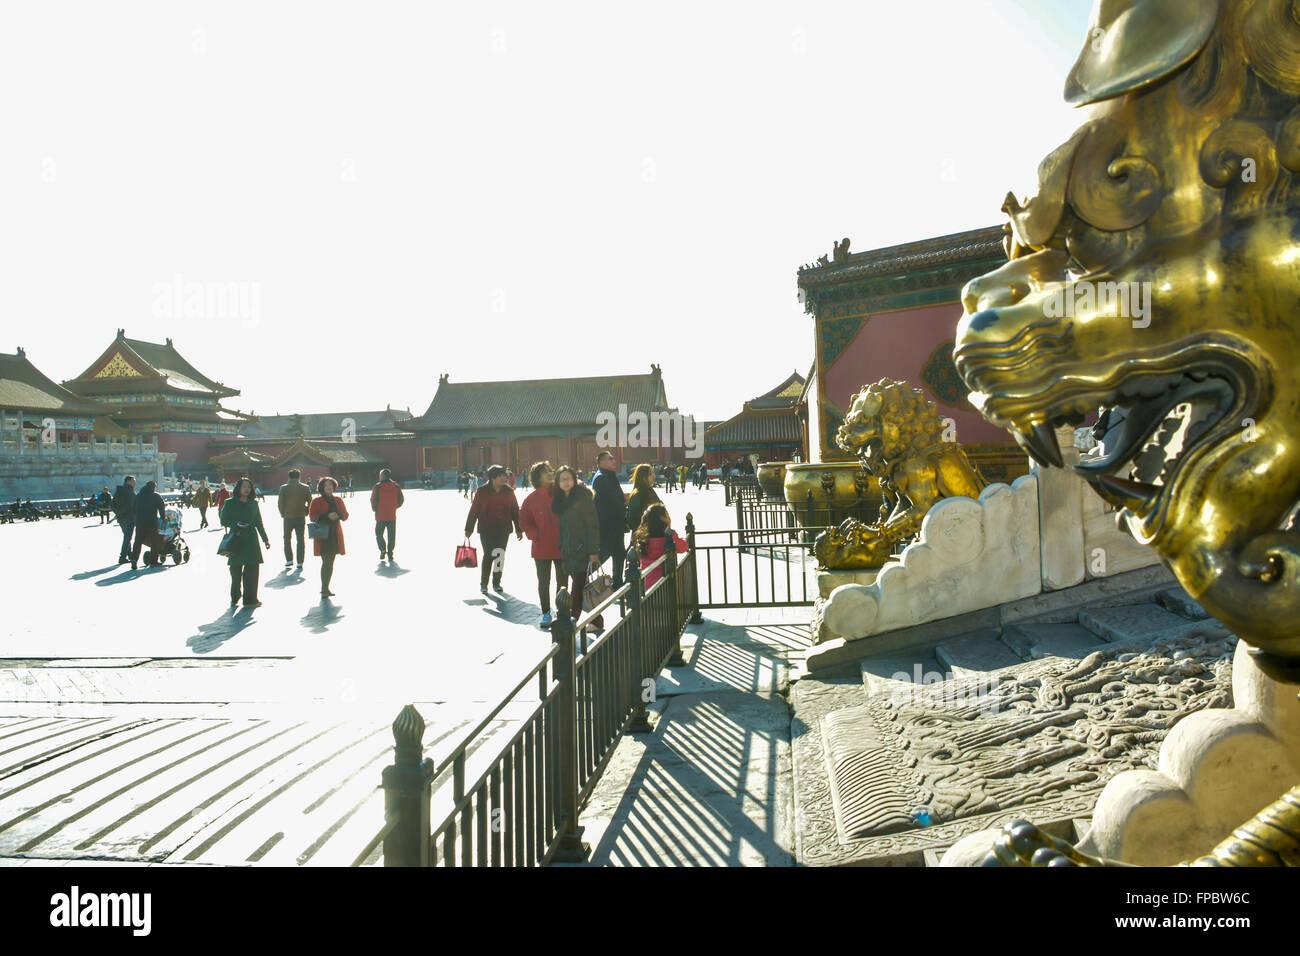 La Ciudad Prohibida, Beijing, China, el domingo, 13 de marzo de 2016. Los turistas en la Ciudad Prohibida de Beijing. Foto de stock